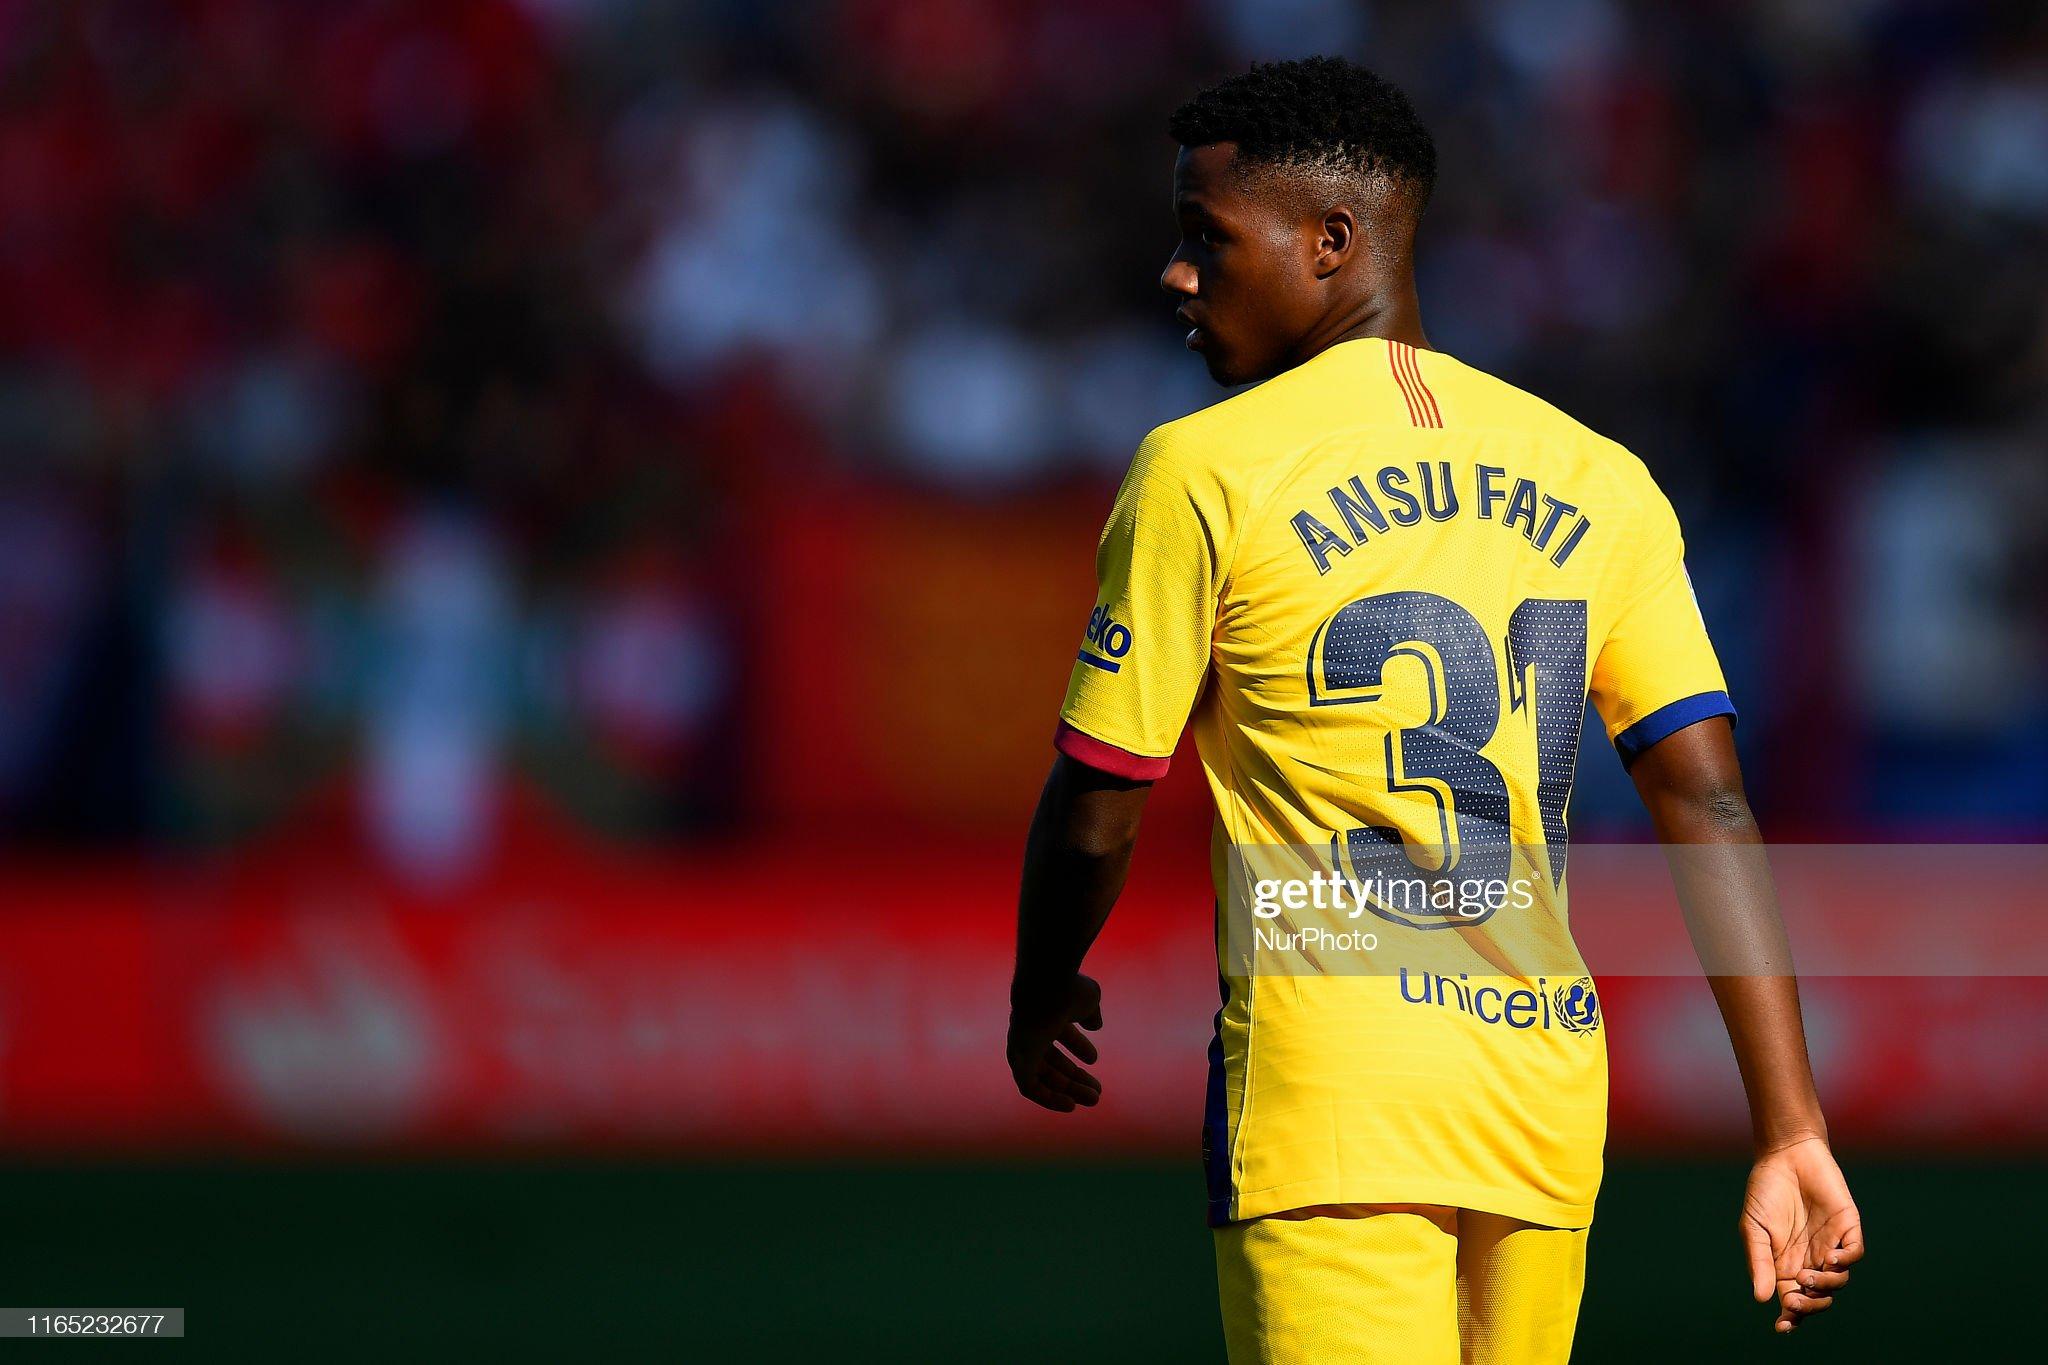 صور مباراة : أوساسونا - برشلونة 2-2 ( 31-08-2019 )  Ansu-fati-of-barcelona-during-the-liga-match-between-ca-osasuna-and-picture-id1165232677?s=2048x2048